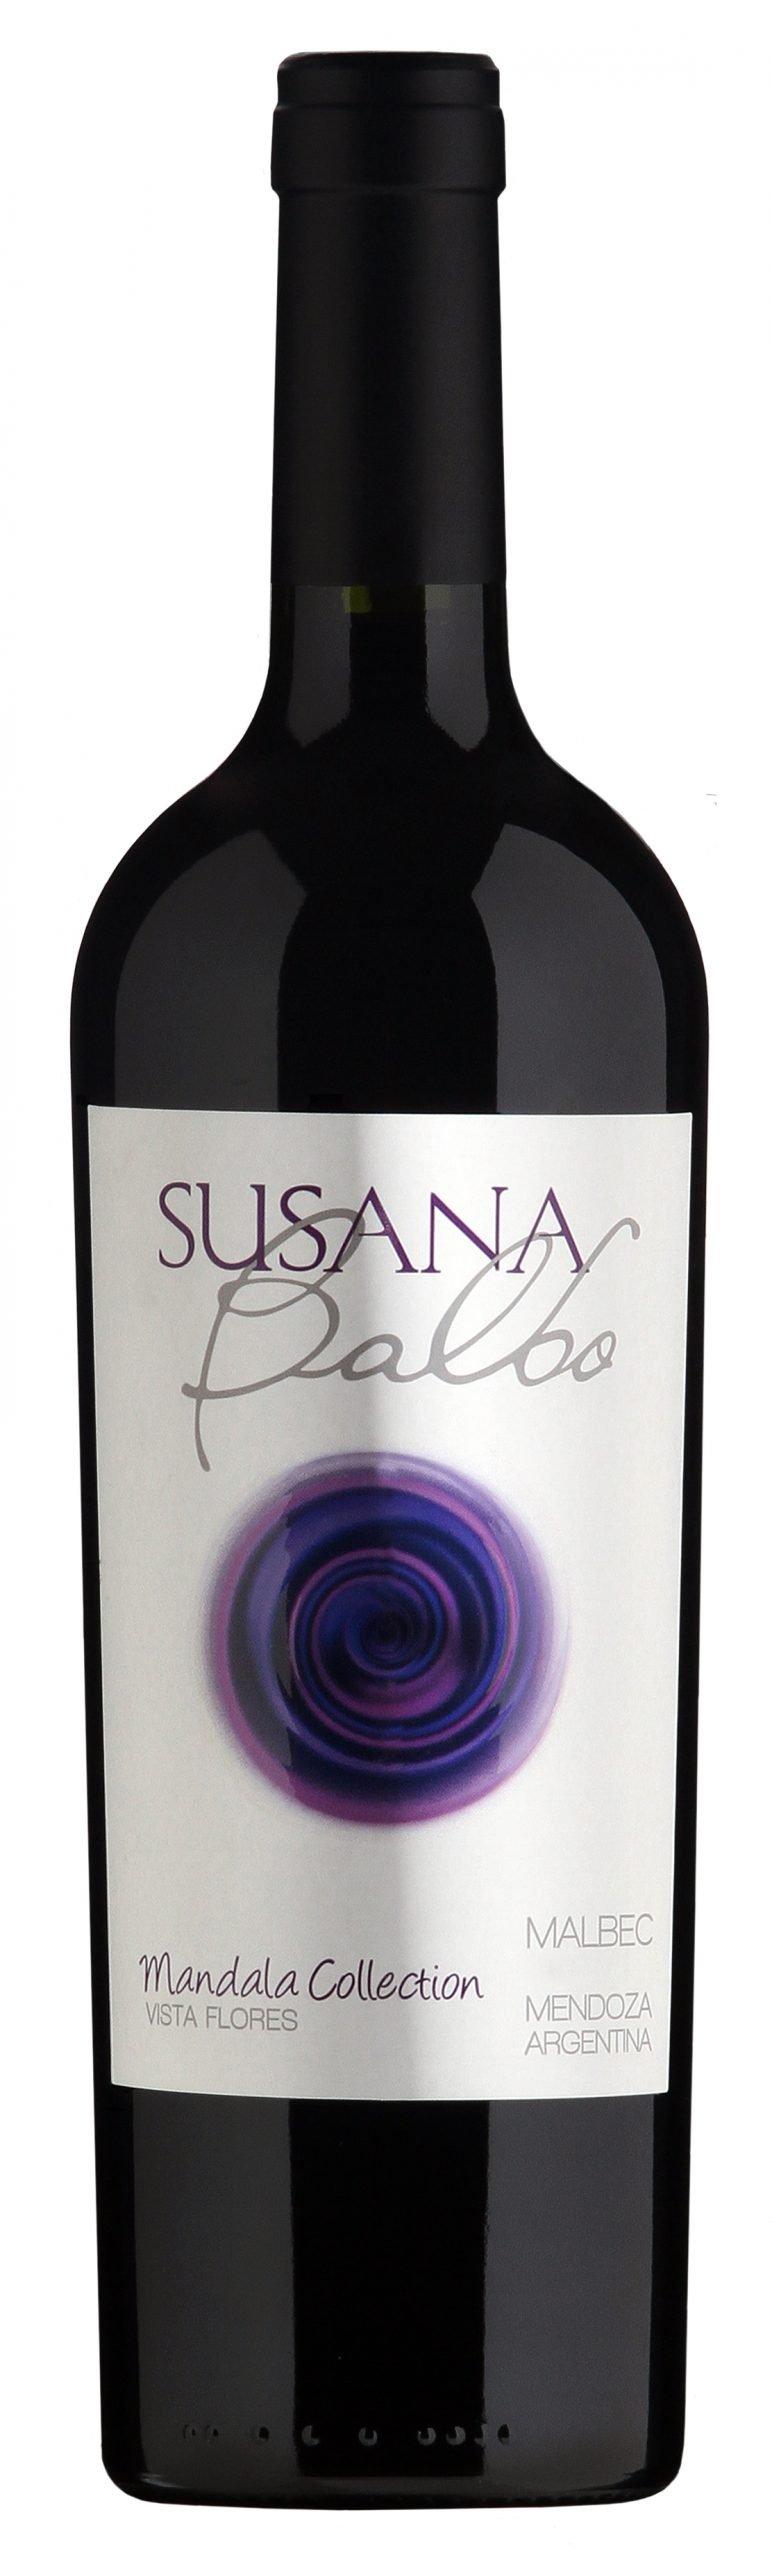 Susana Balbo celebra el #MalbecWorldDay 6